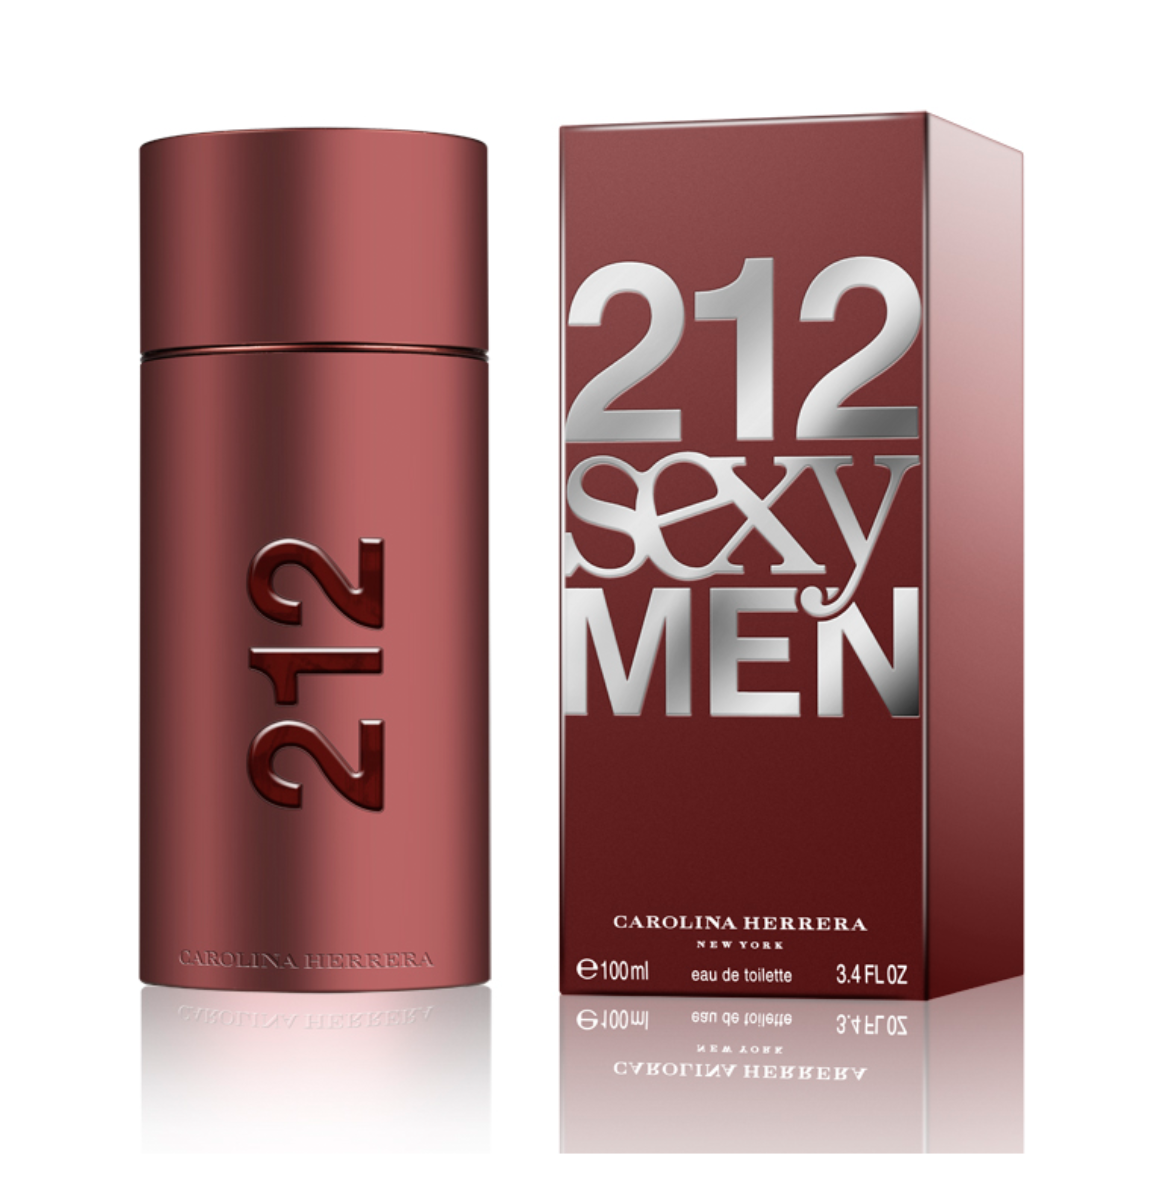 Carolina Herrera - Sexy Men - eau de toilette